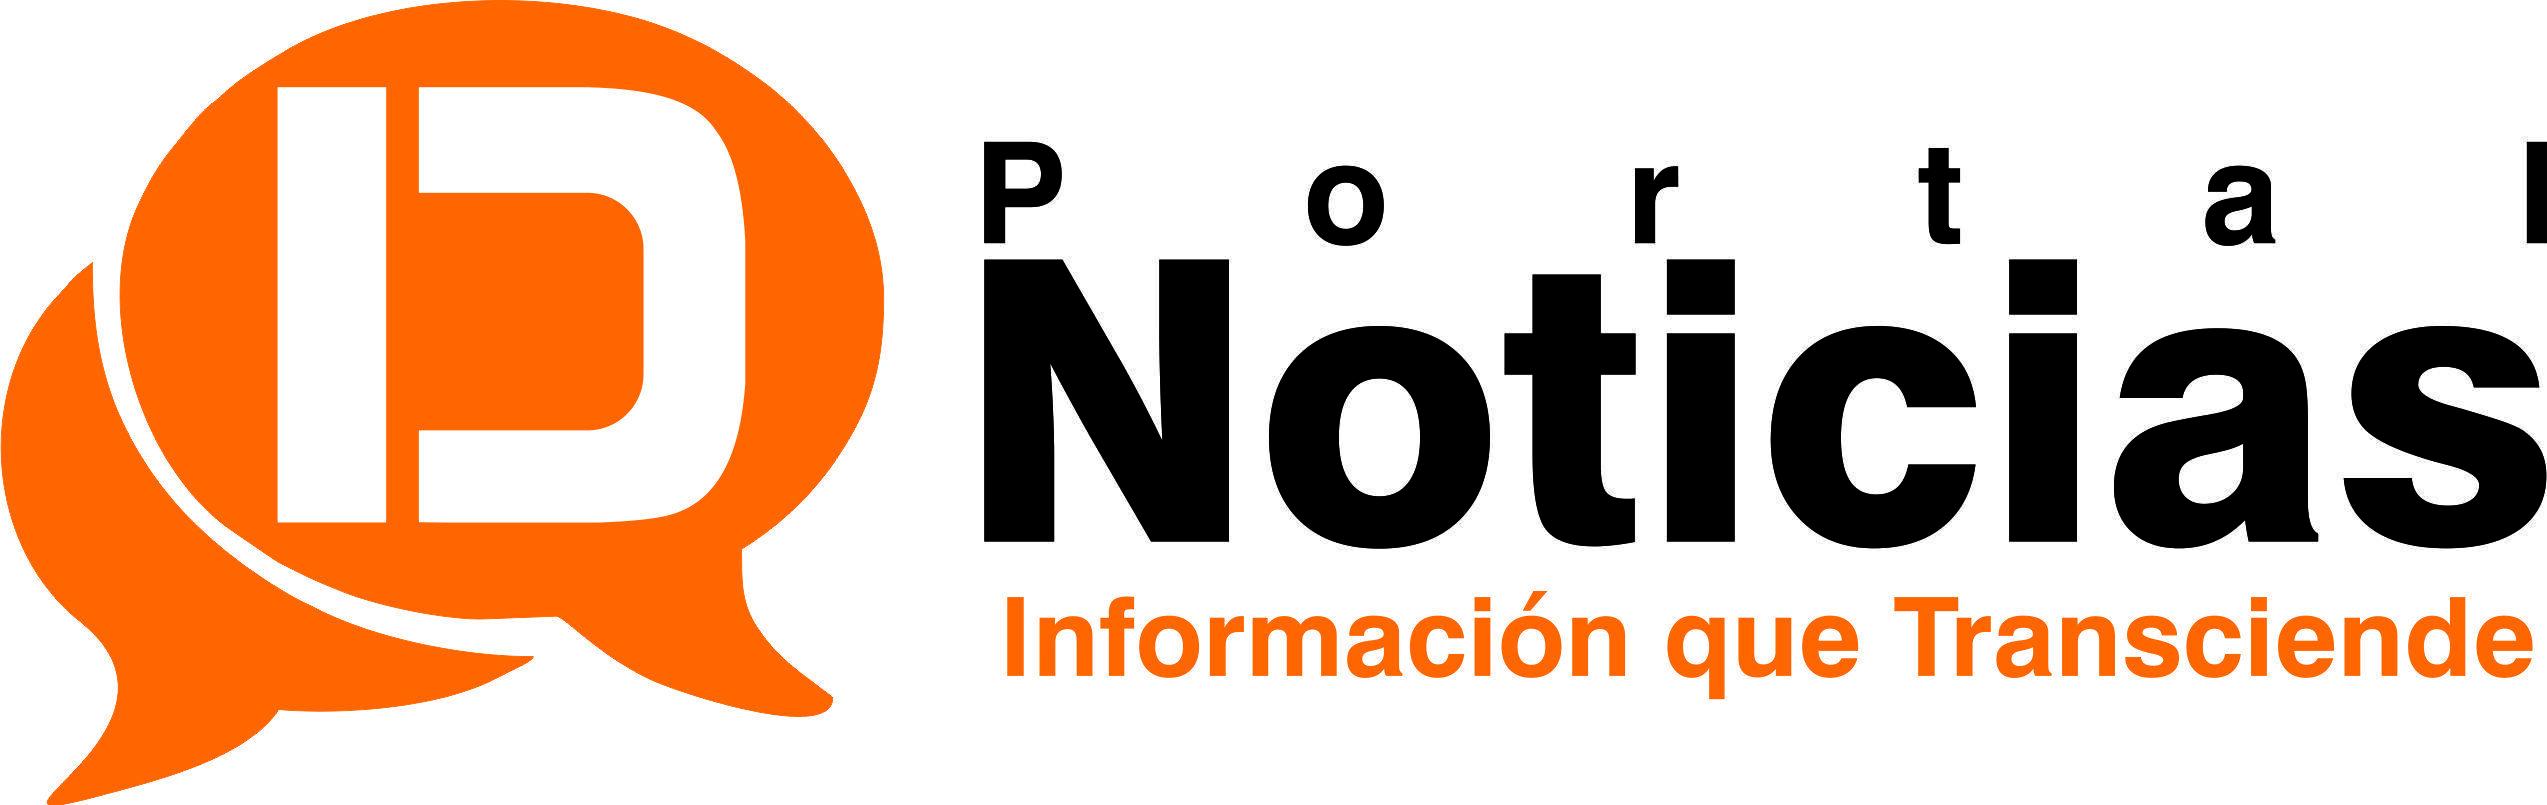 Dnoticias.com.mx